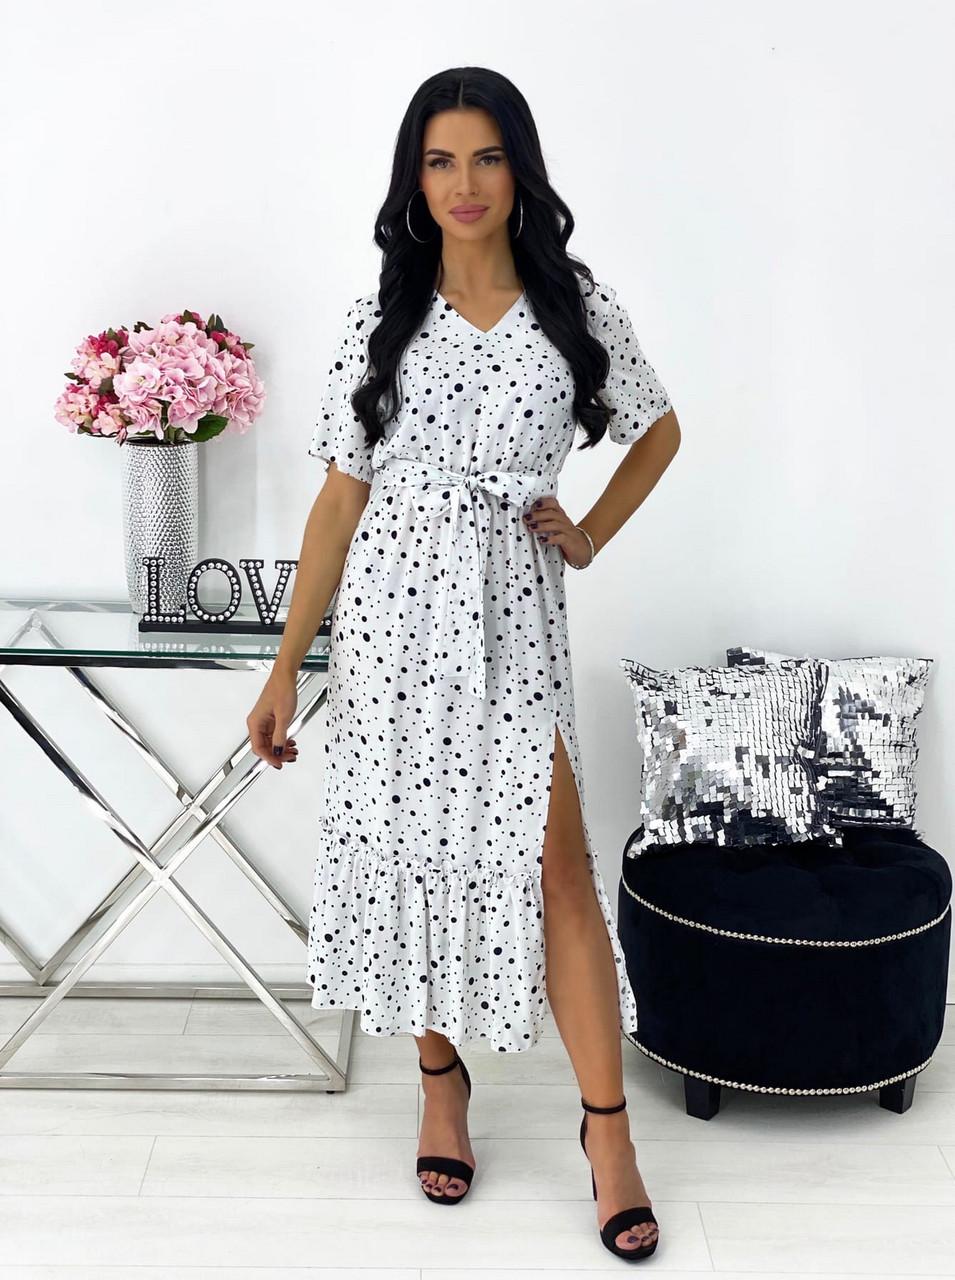 Повседневное платье, длиною миди, с небольшим разрезом, 00784 (Белый), Размер 48 (XL)